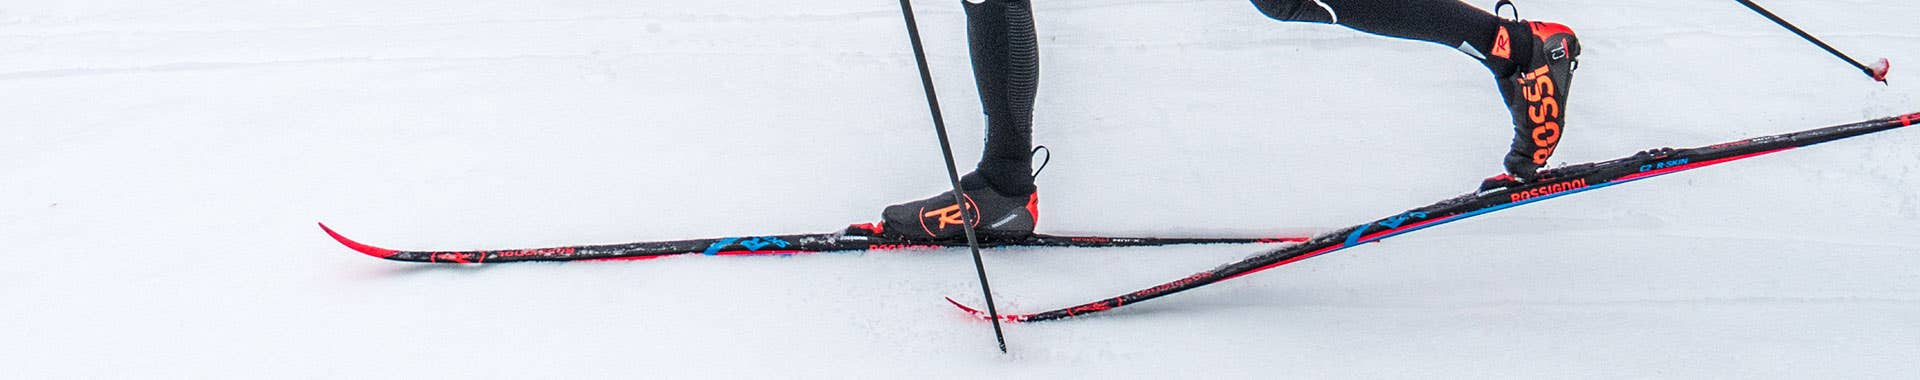 Chaussures ski de fond classique